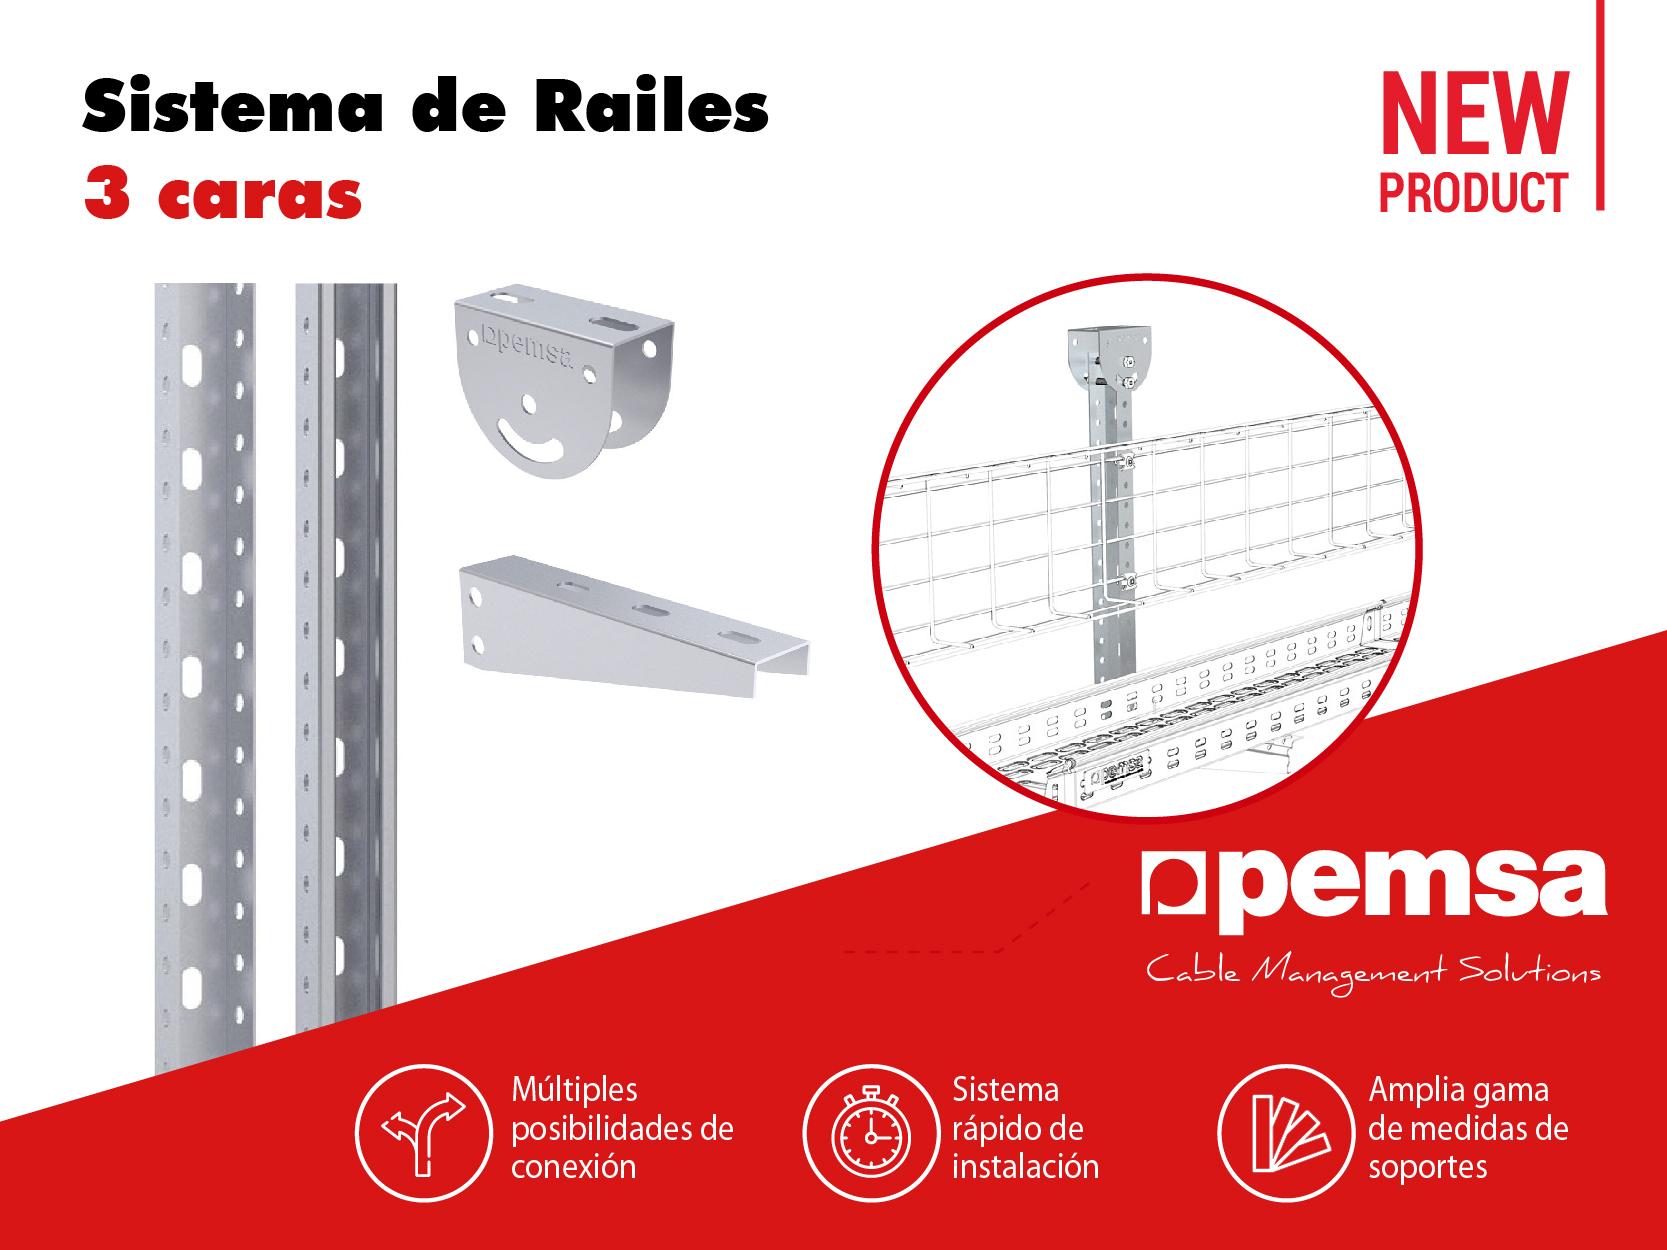 Pemsa Presenta el nuevo Sistema de Railes 3 Caras